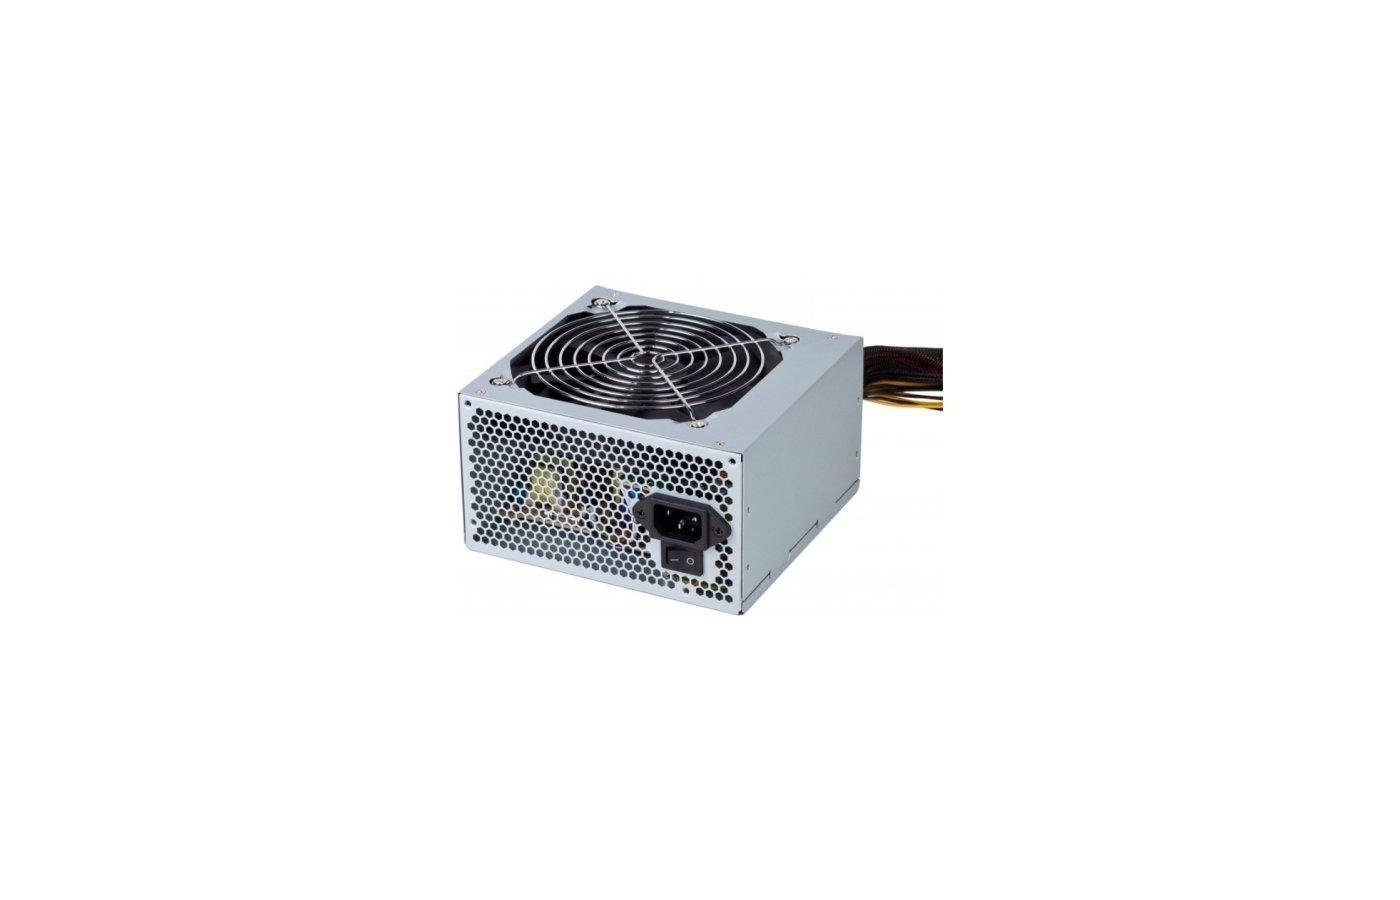 Блок питания Hipro ATX 450W HP-E450W/HP-P450W (24+4+4pin) 120mm fan 4xSATA